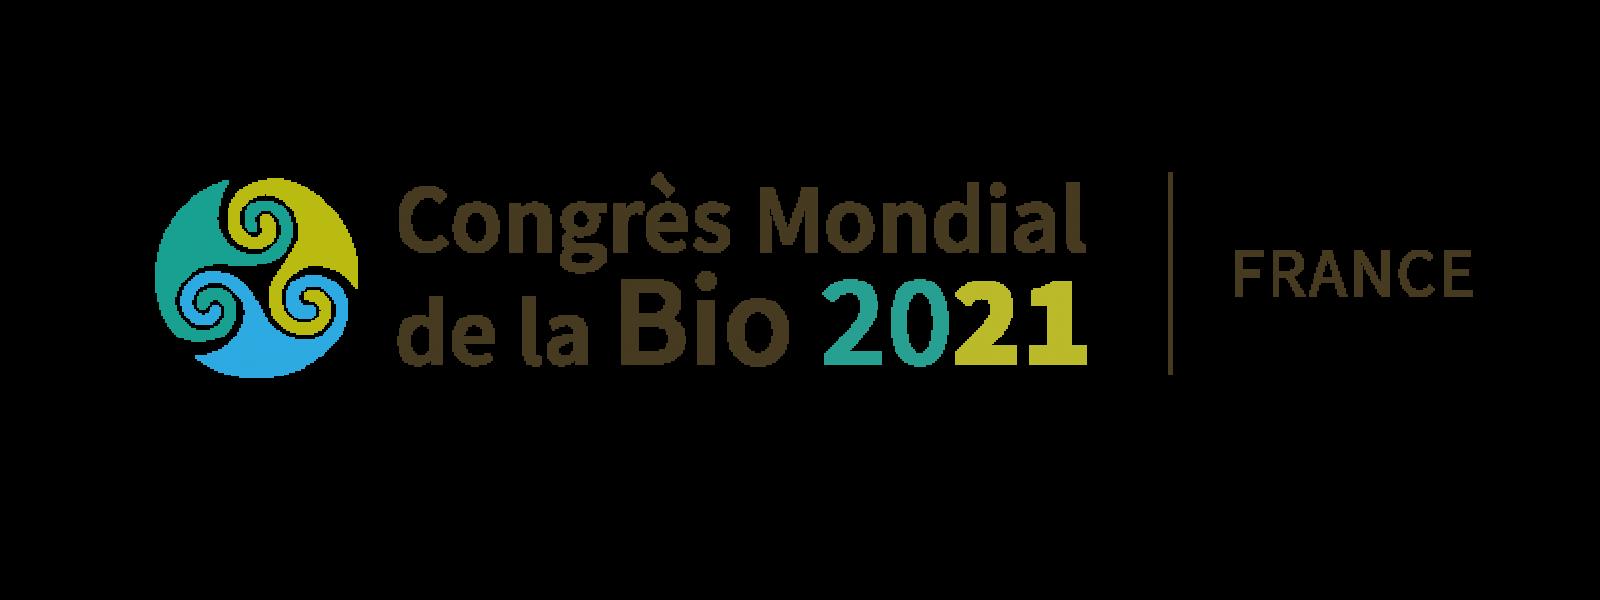 Congrès Mondial de la Bio 2021 à Rennes